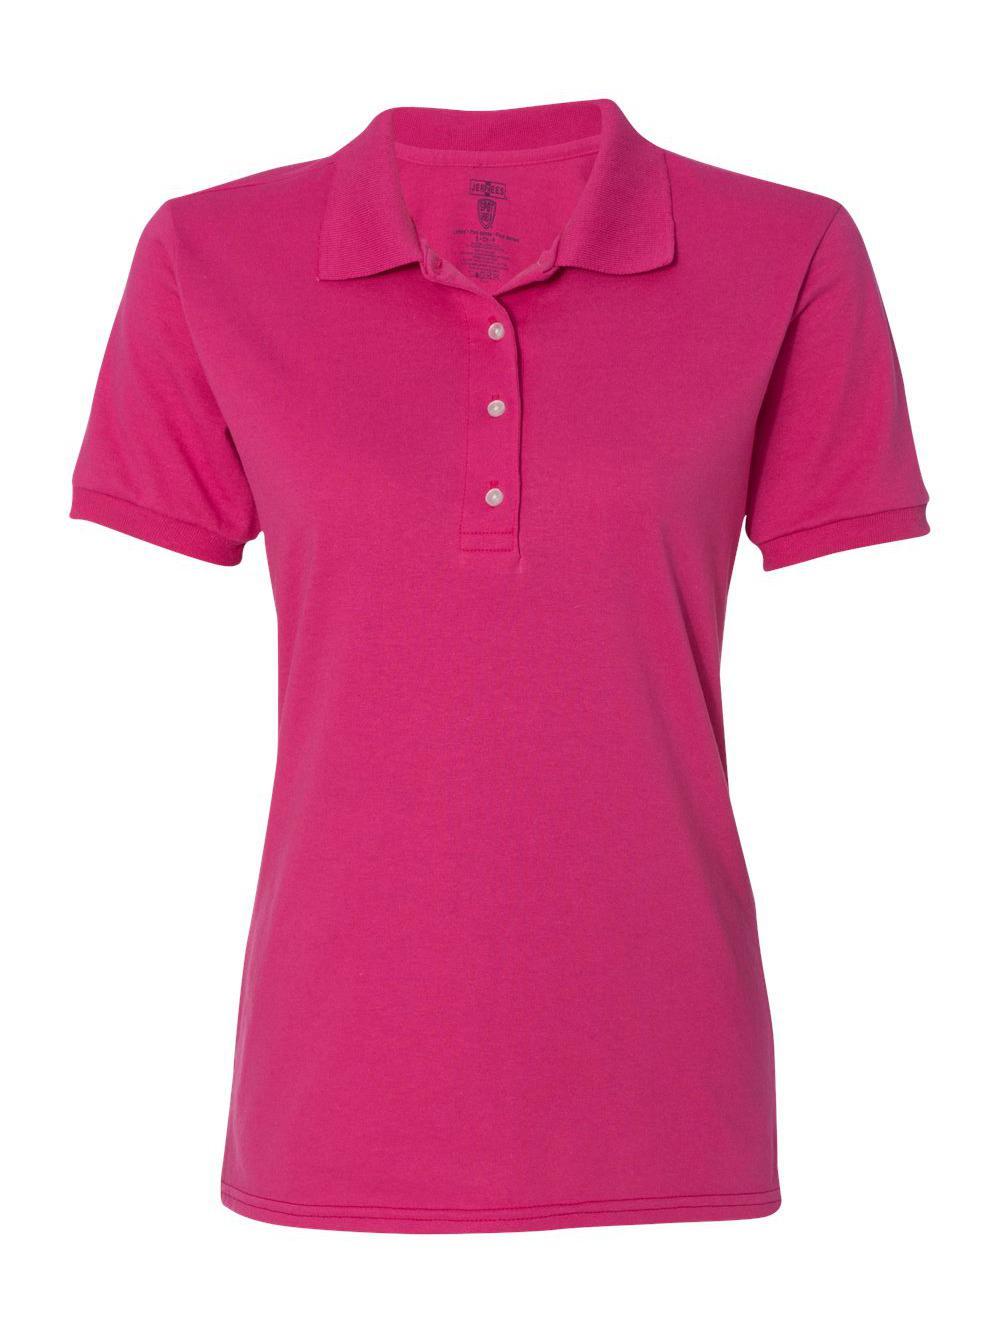 Jerzees-Women-039-s-Spotshield-50-50-Sport-Shirt-437WR thumbnail 6